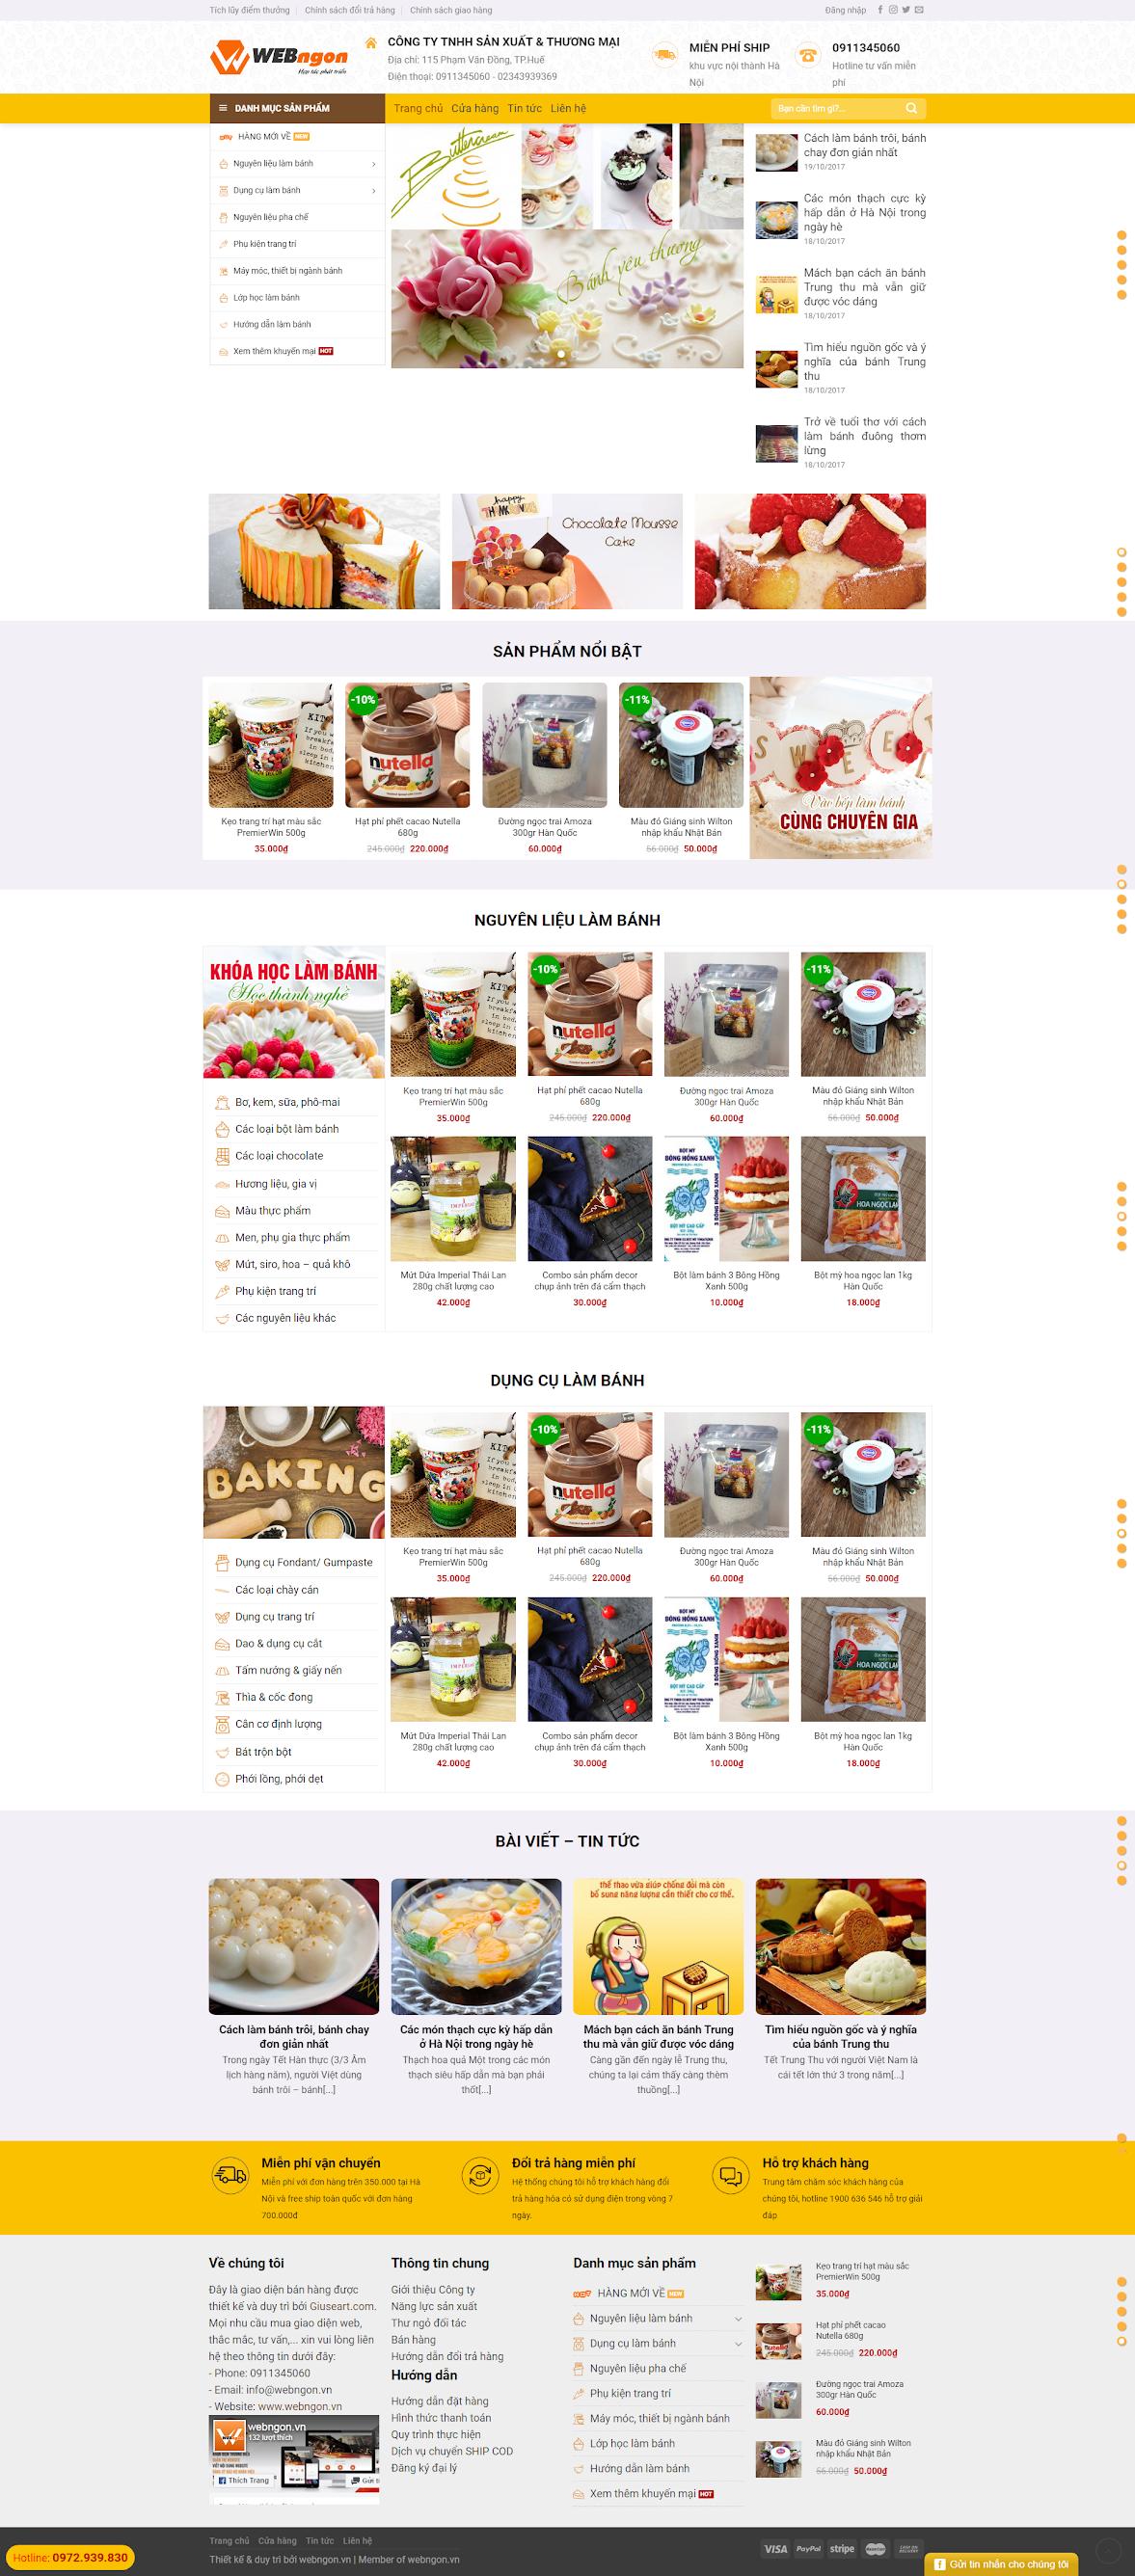 mẫu shop bánh - nguyên liệu làm bánh wn021